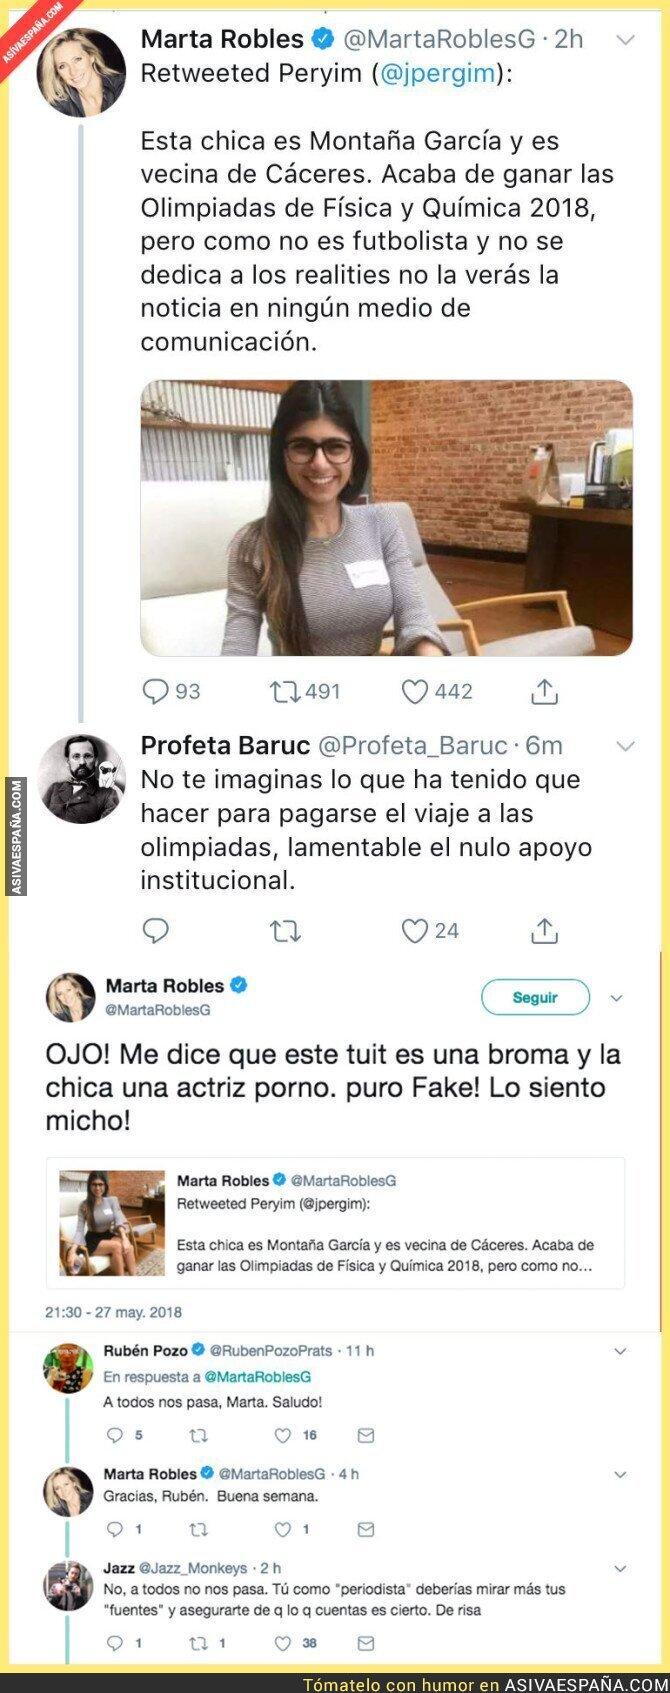 87482 - La periodista Marta Robles se traga este bulo sobre la actriz porno Mia Khalifa y todos se están riendo de ella